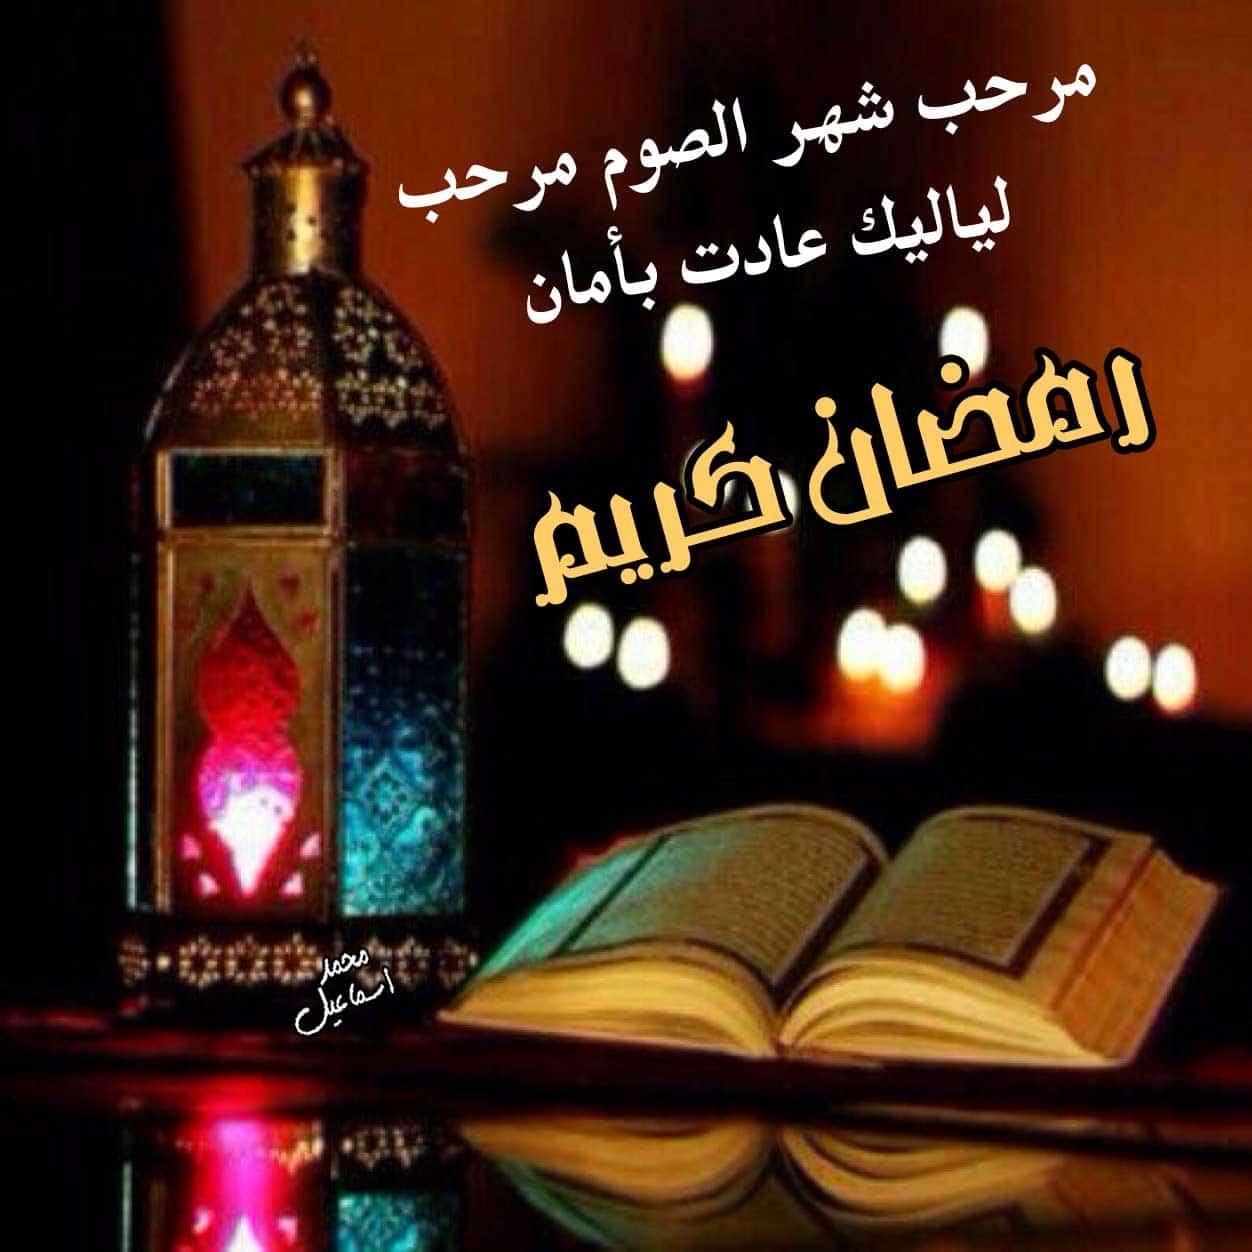 صورة صور رمضانية معبرة , رمزيات جميلة عن شهر الخير